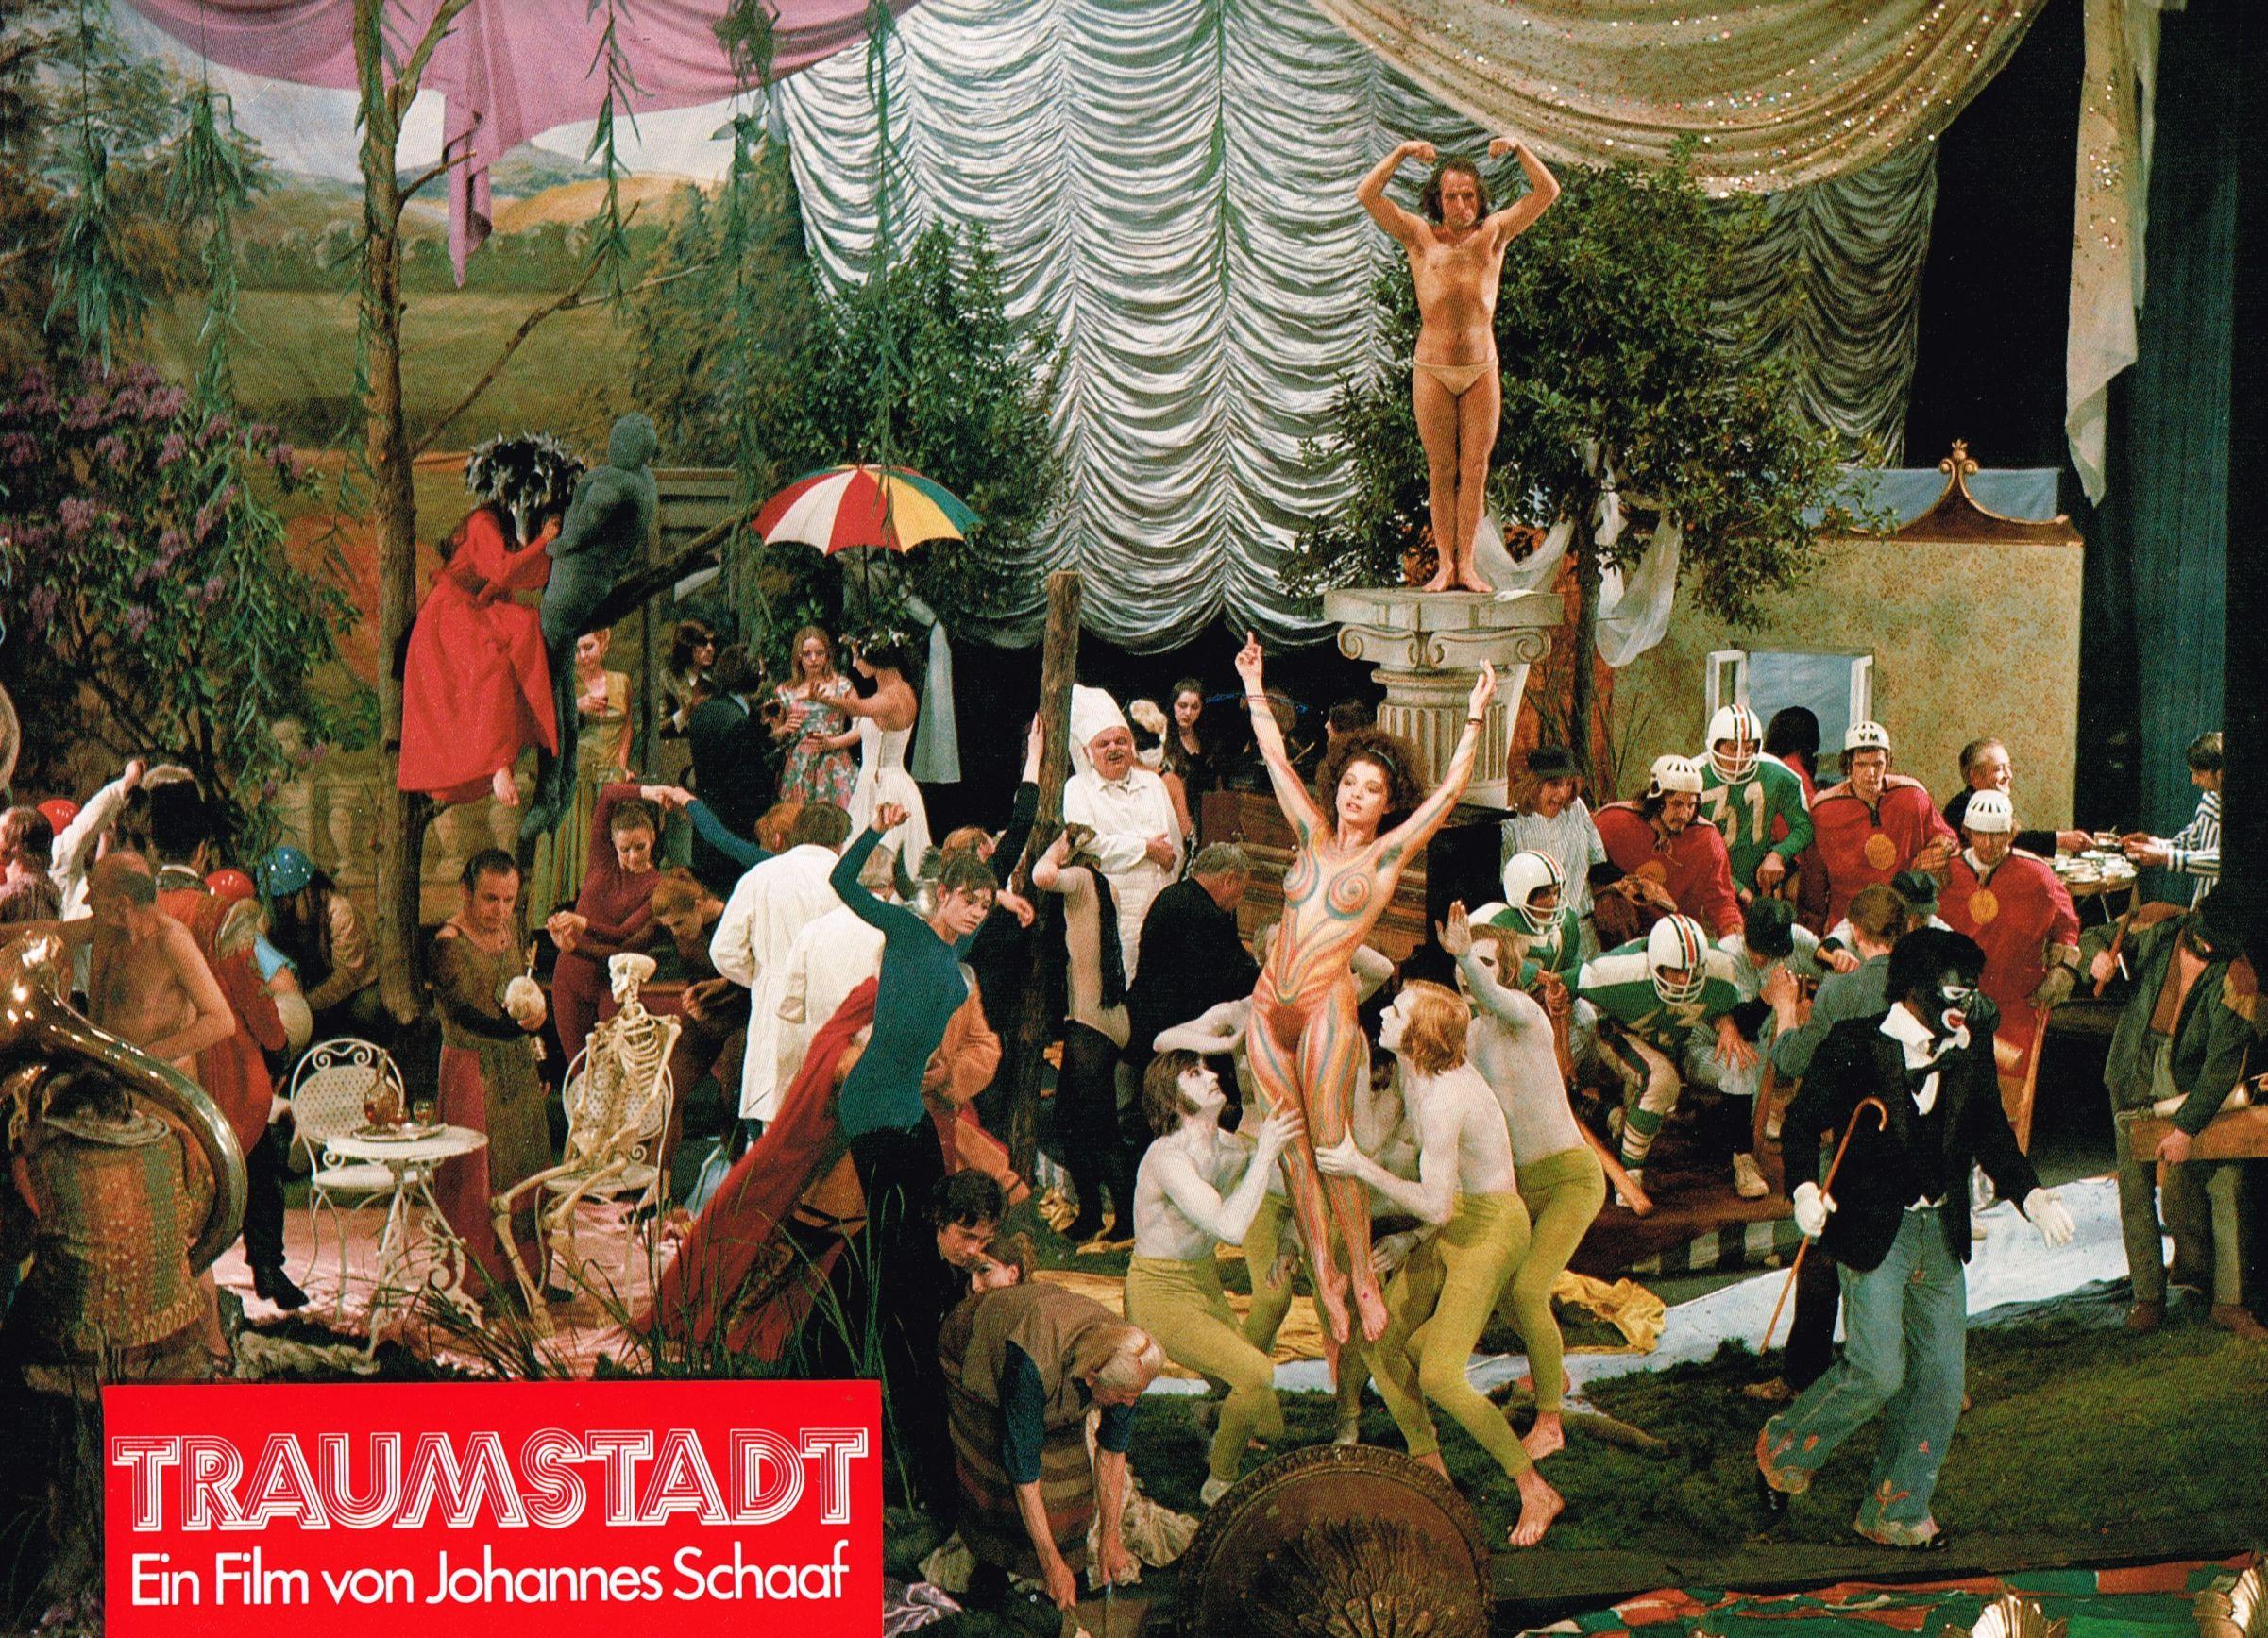 Traumstadt Film